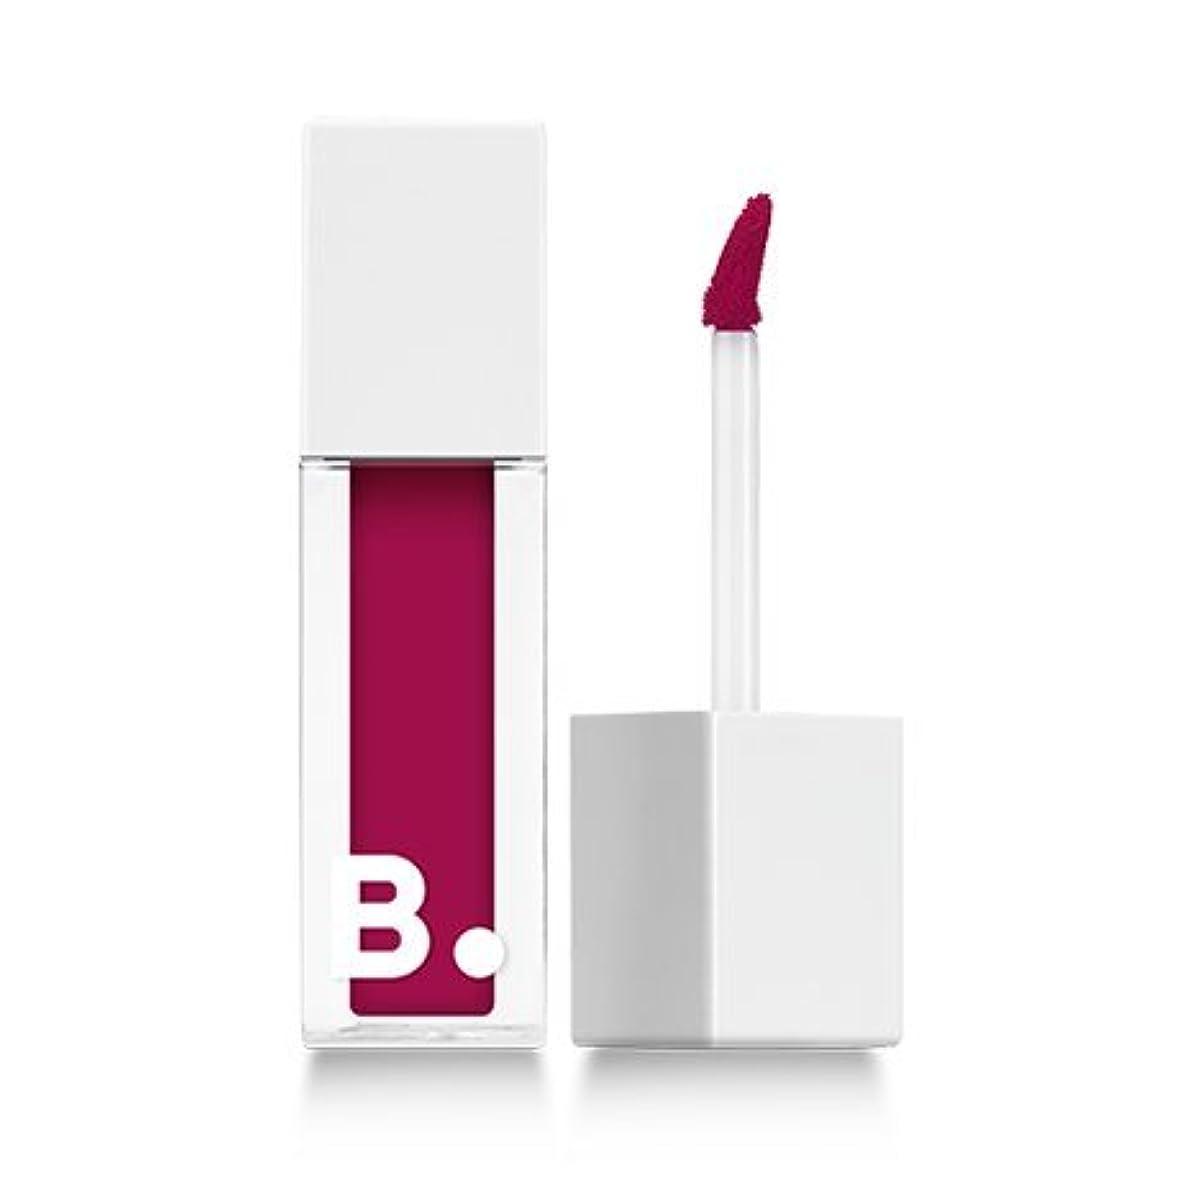 タイマー明示的に友だちBANILA CO Liplike Moist Tint 5.7g/バニラコ リップライク モイスト ティント 5.7g (#PP02) [並行輸入品]